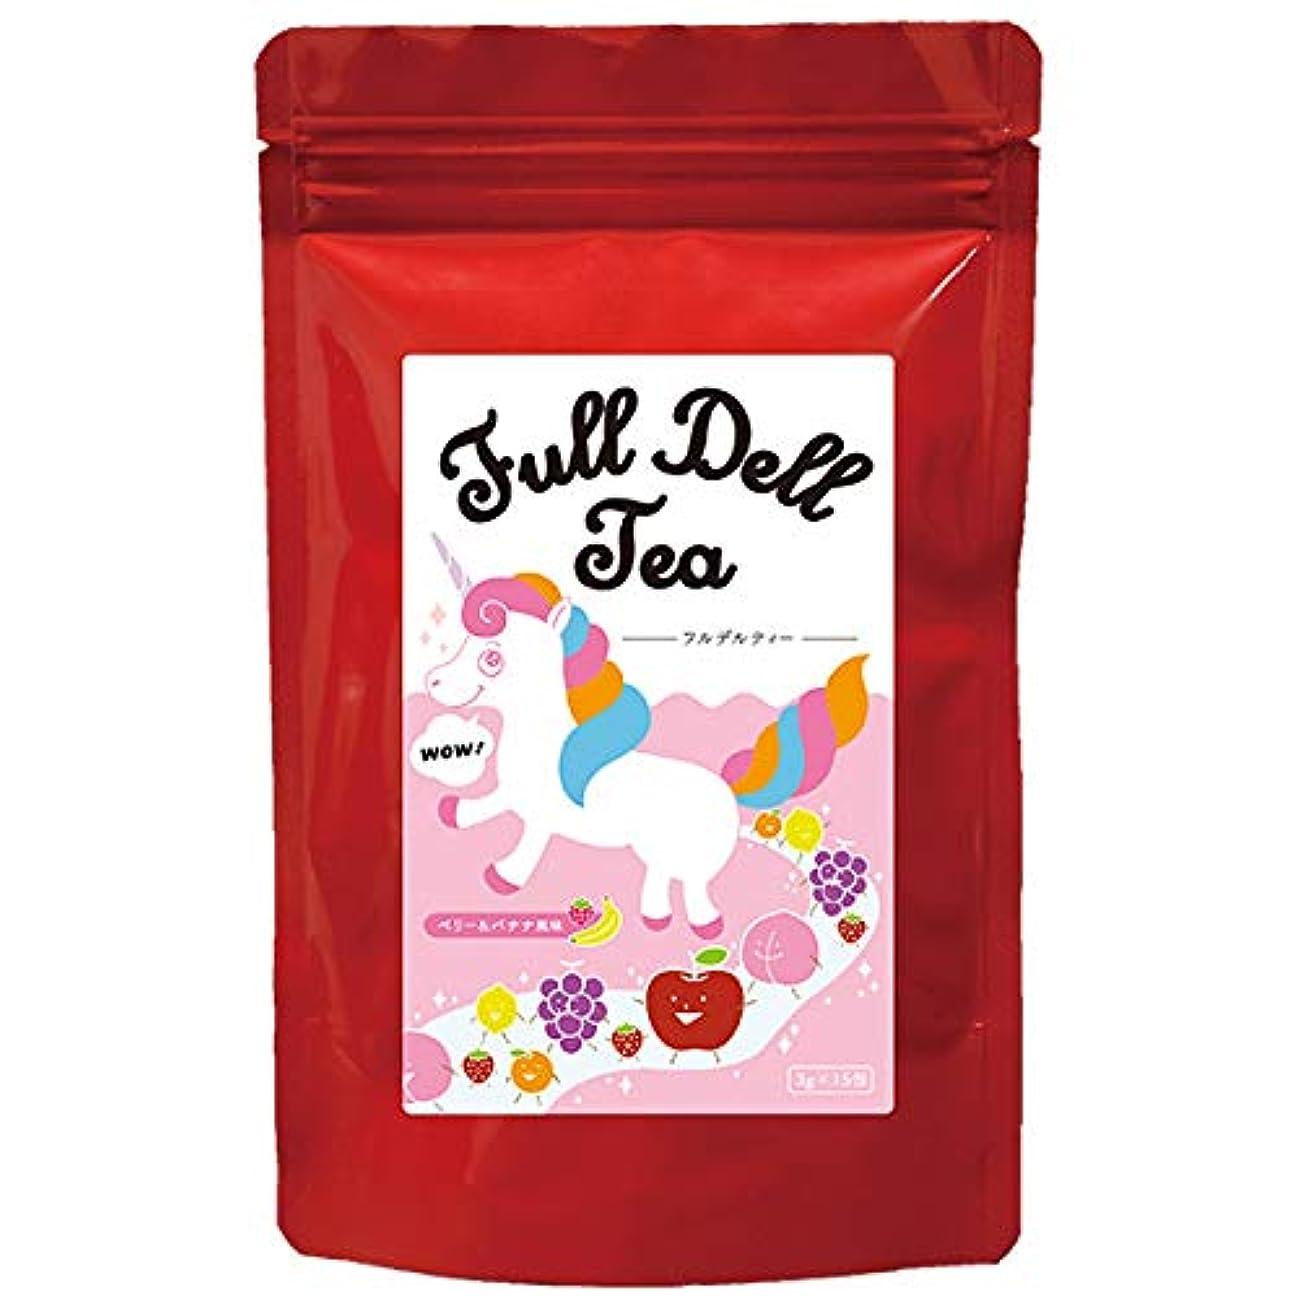 土器名声傀儡美容健康茶 フルデルティー 1袋3.0g×15包入 ダイエット サポートティー 紅茶 デトックス サロン